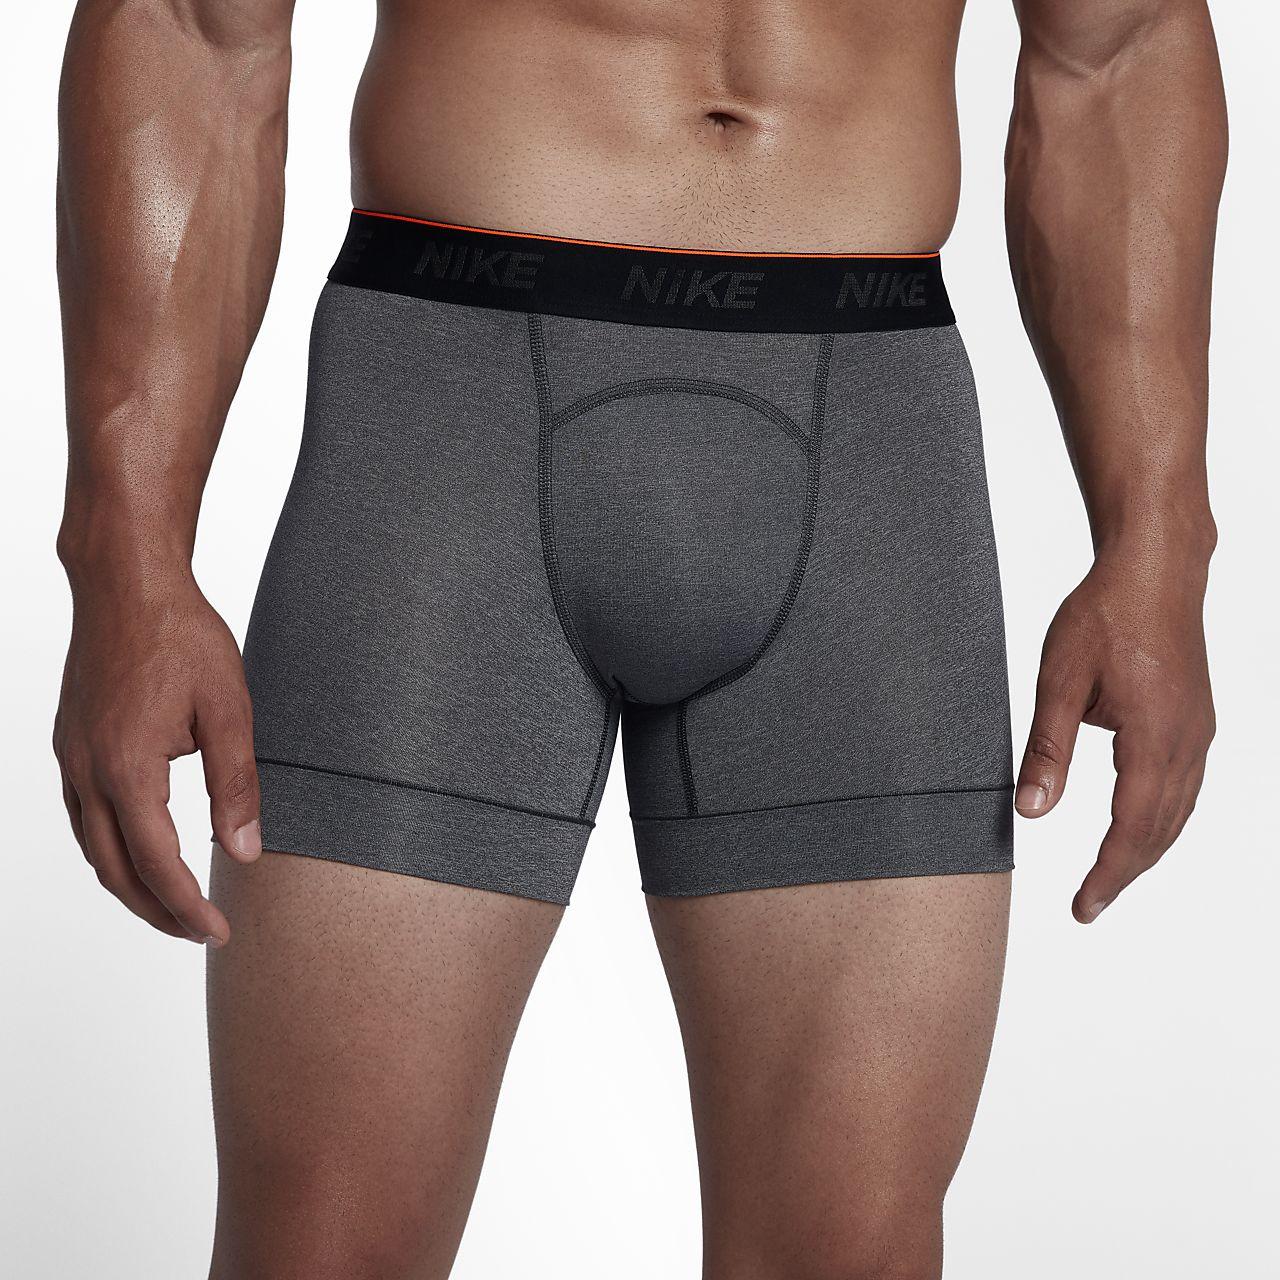 Nike Herren-Unterwäsche (2 Paar)